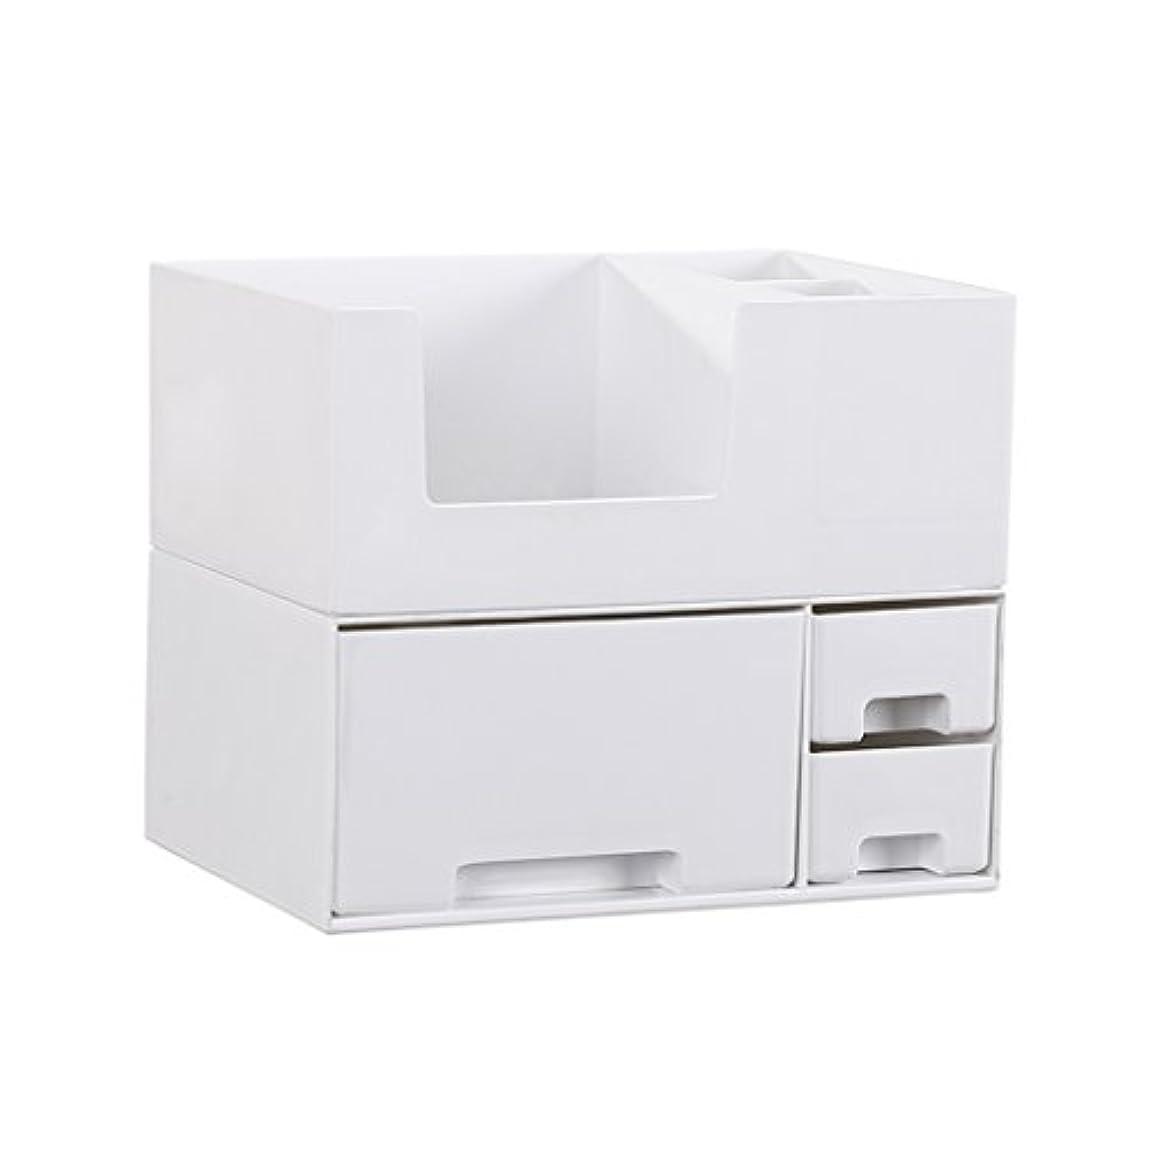 ありそうふざけたうれしいデスクトップ化粧品収納ボックス、スキンケア製品、フェイシャルマスク、ジュエリー、収納ラック、白い2階建て多目的収納ボックス